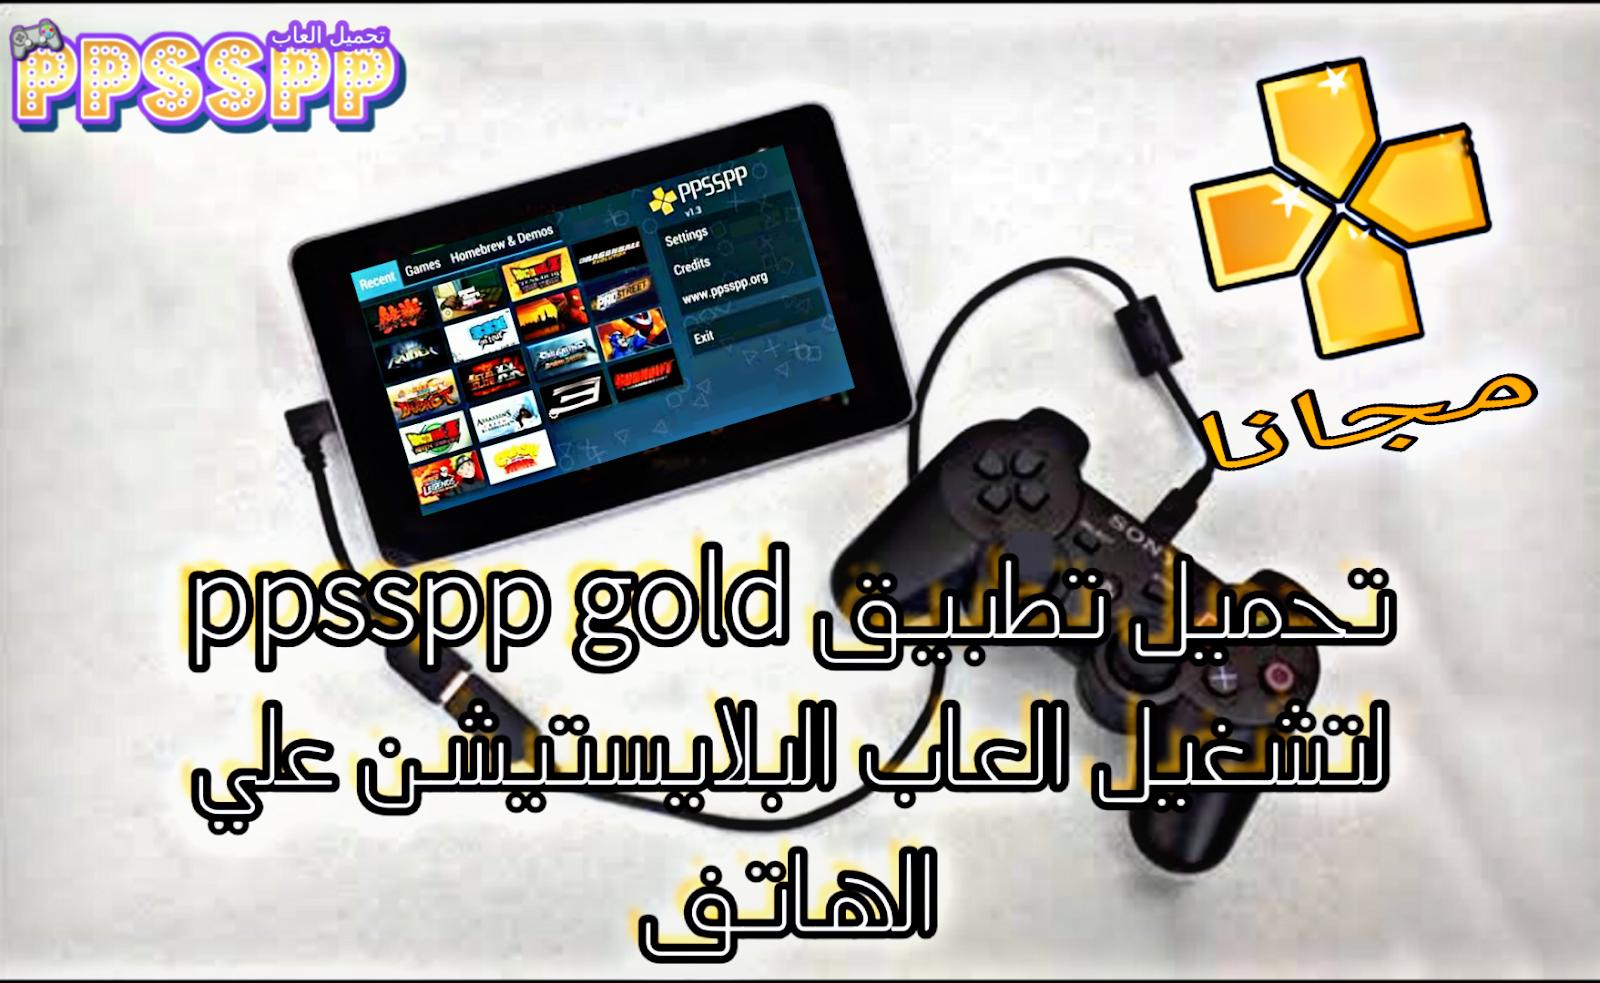 تنزيل برنامج ppsspp gold للاندرويد مجانا